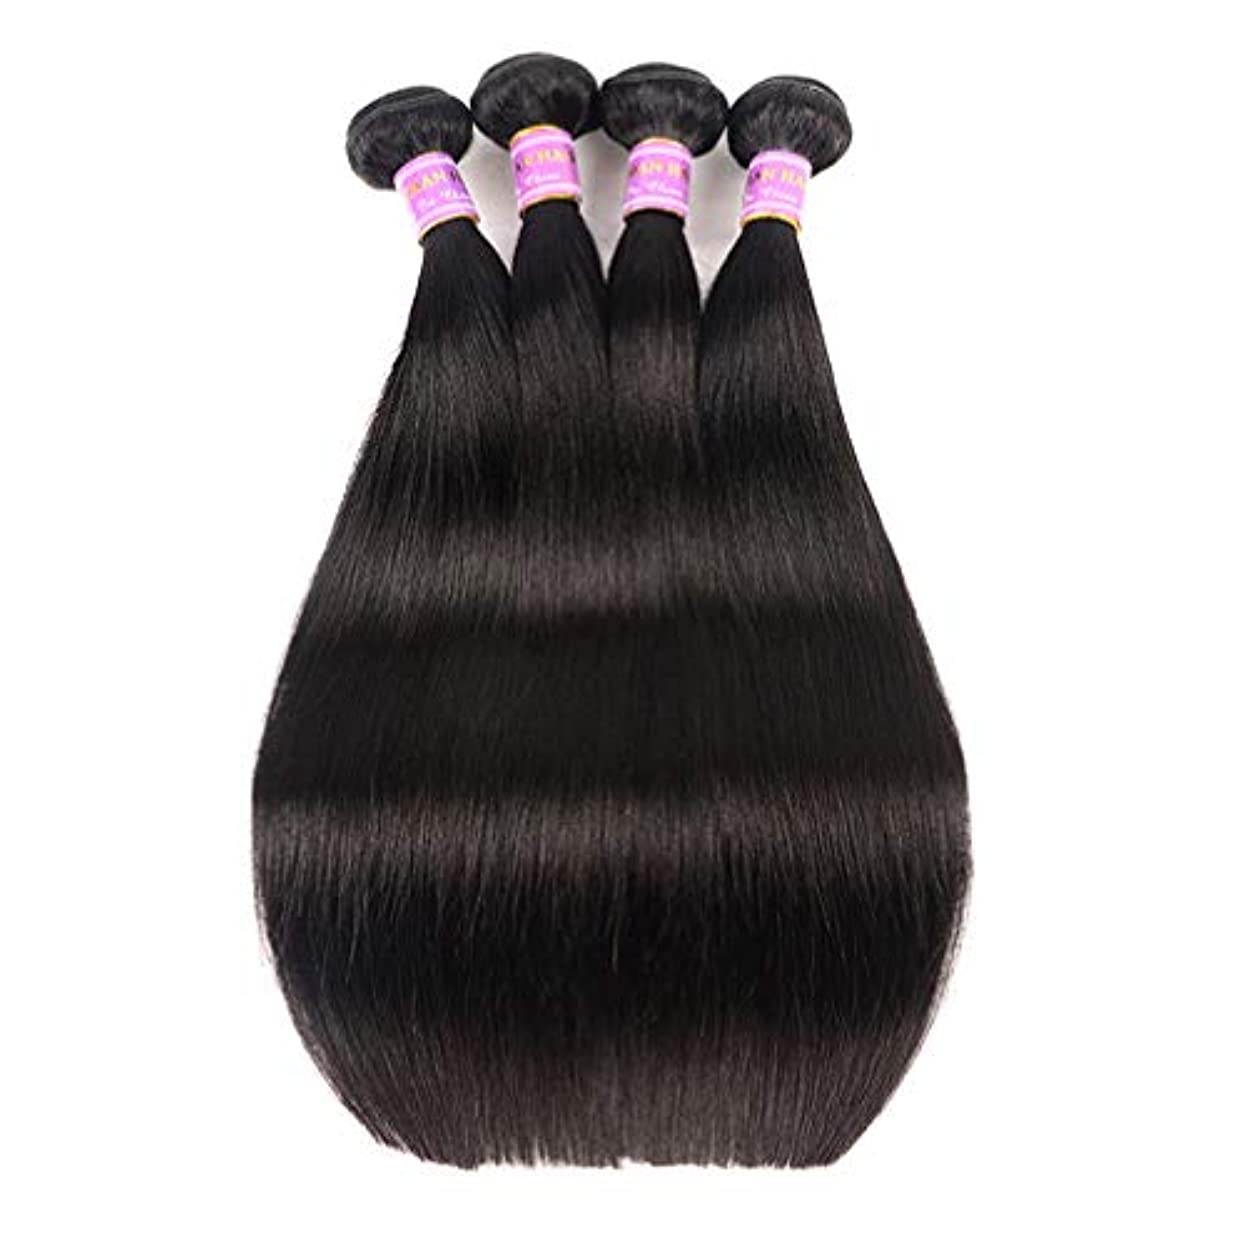 ドリル記念品陰気9Aブラジルのストレートヘア3バンドル安いブラジルのヘアバンドルストレート人間の髪の束ナチュラルブラックカラー300グラム